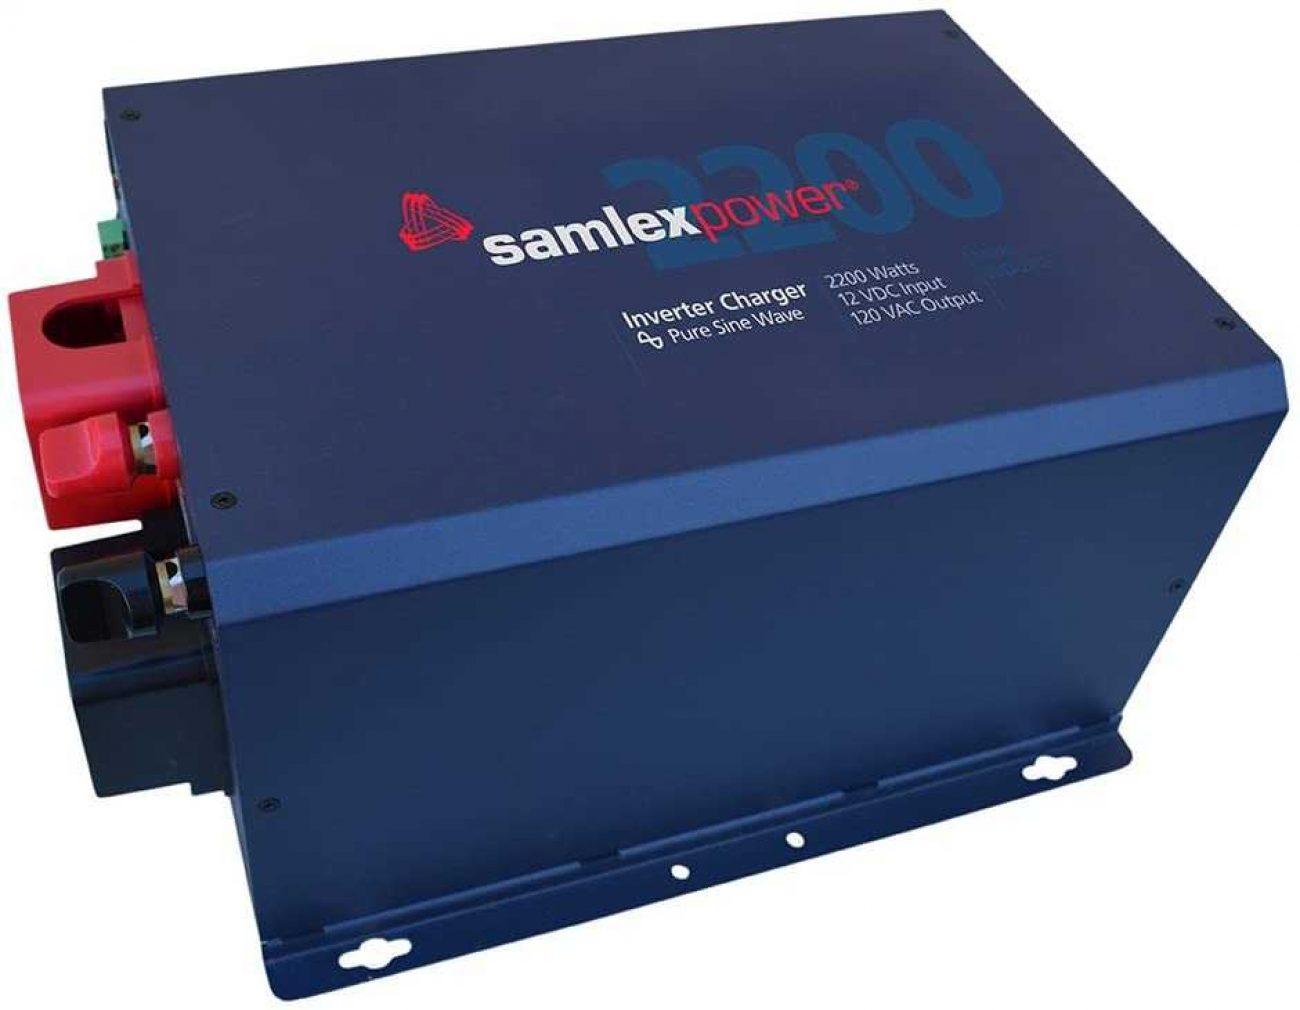 EVO Inverter Charger Samlex EVO 2212